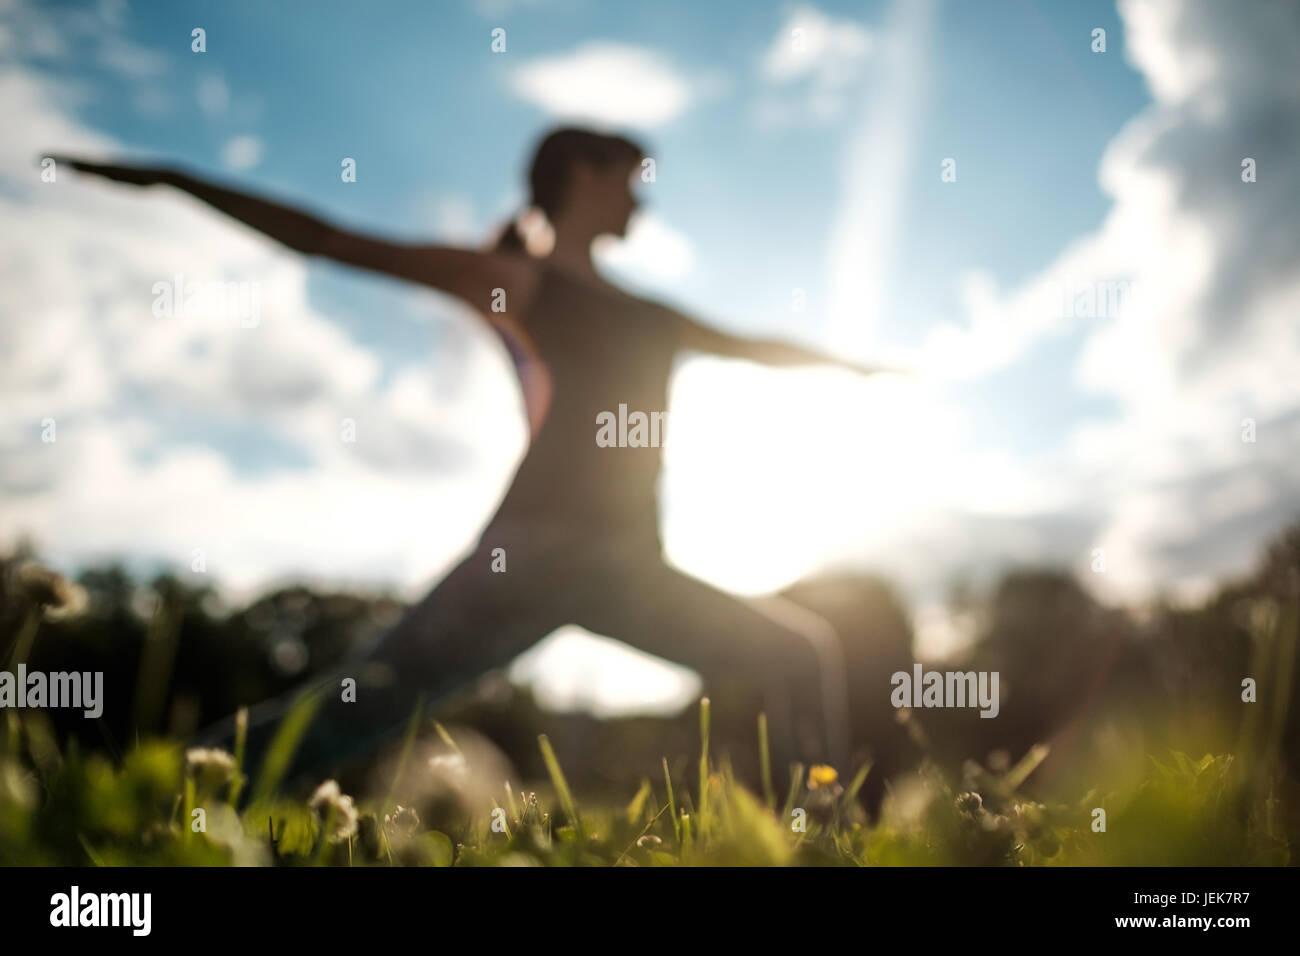 Colocar deportivo mujer caucásica haciendo asana Guerrero Virabhadrasana 2 plantean la postura en la naturaleza. Imagen De Stock